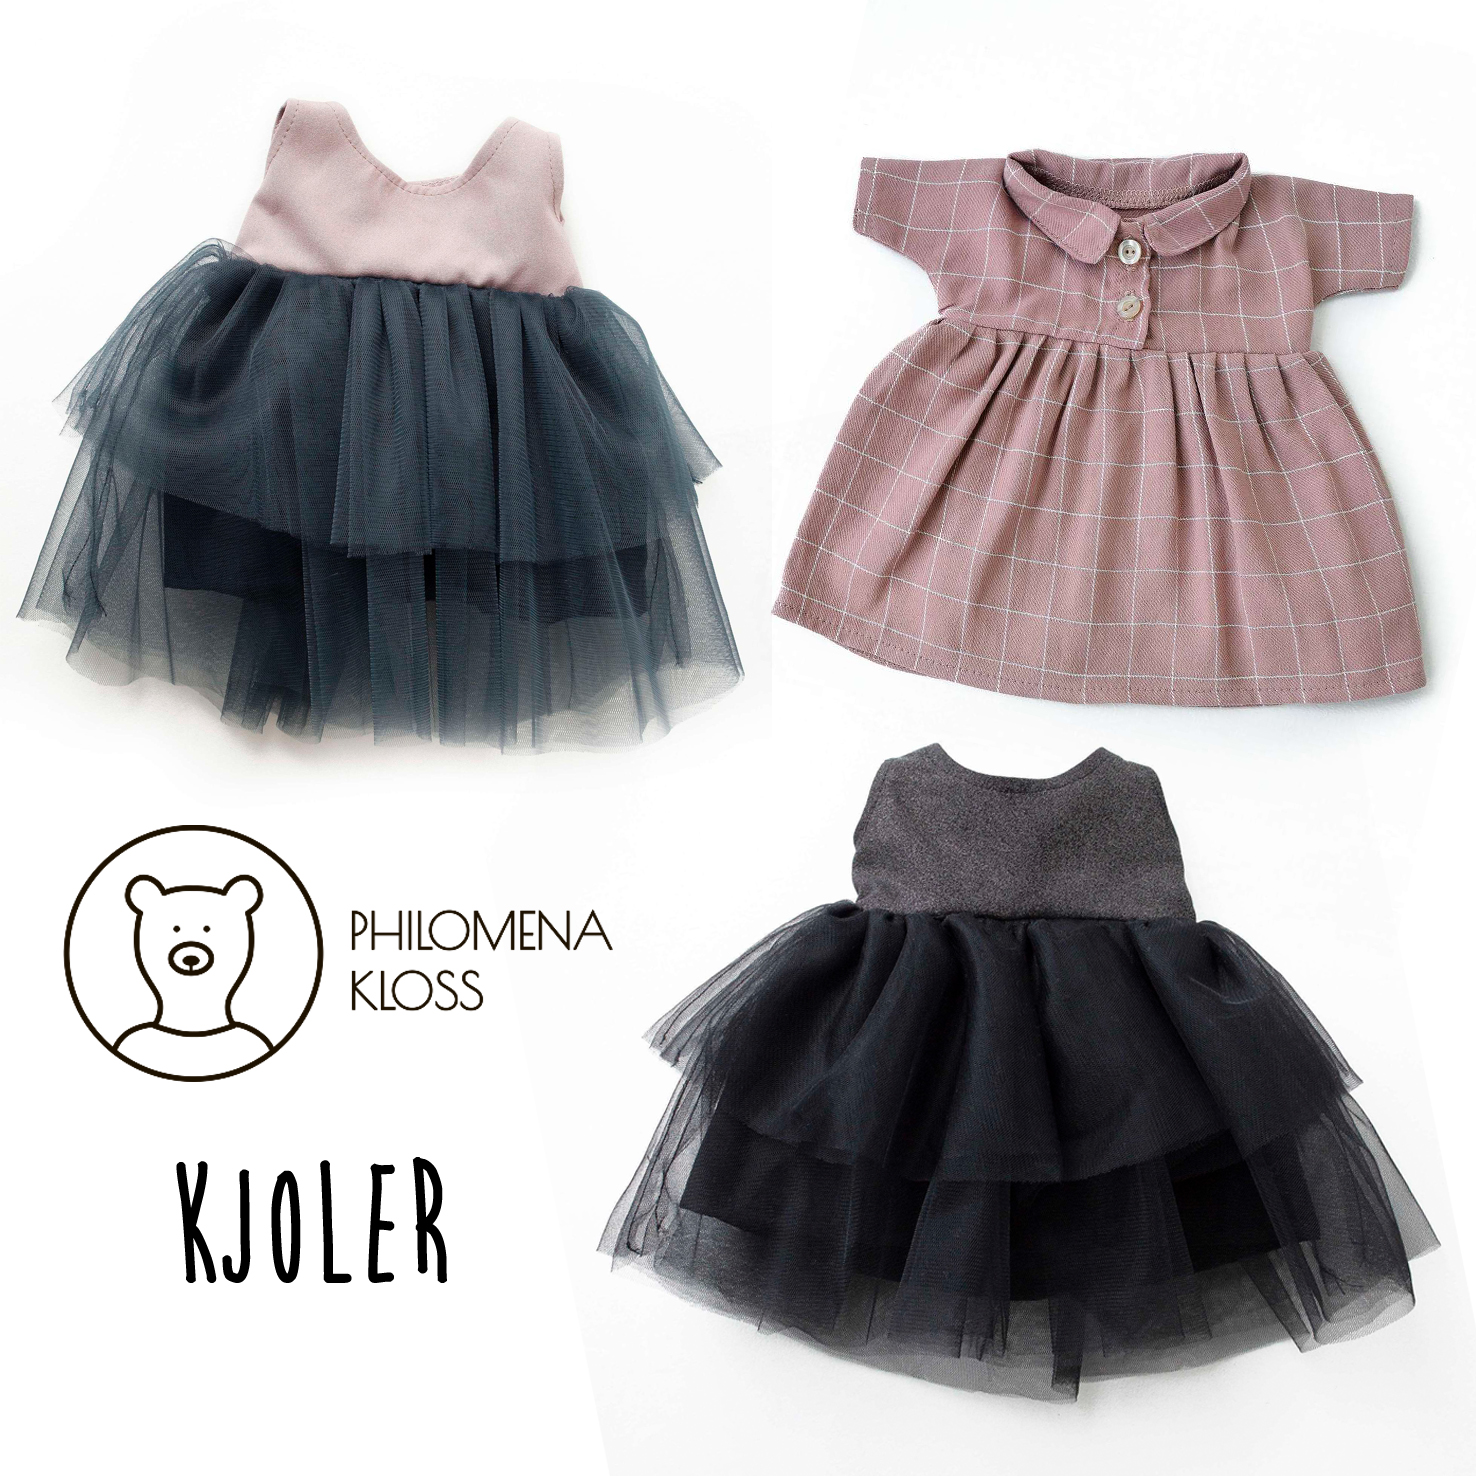 Philomena Kloss klær - kjoler -